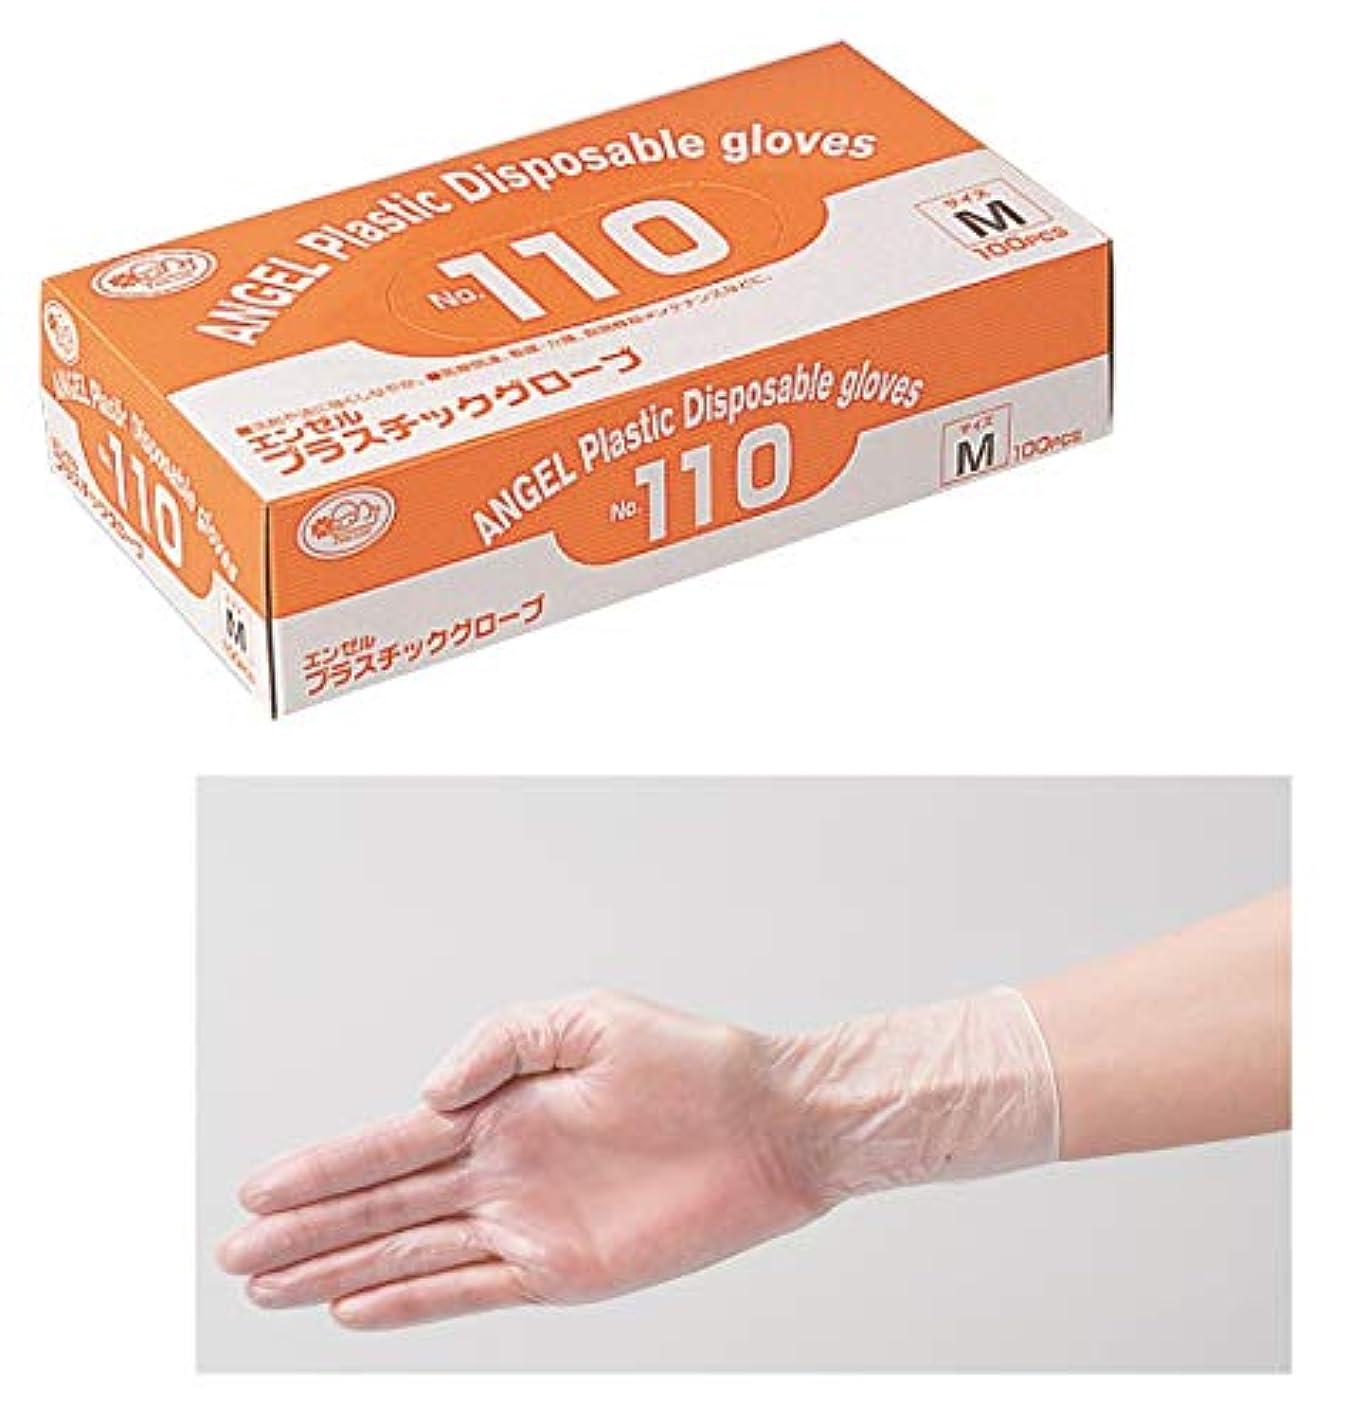 歌認証膜サンフラワー No.110 プラスチックグローブ 粉付 100枚入り (L)